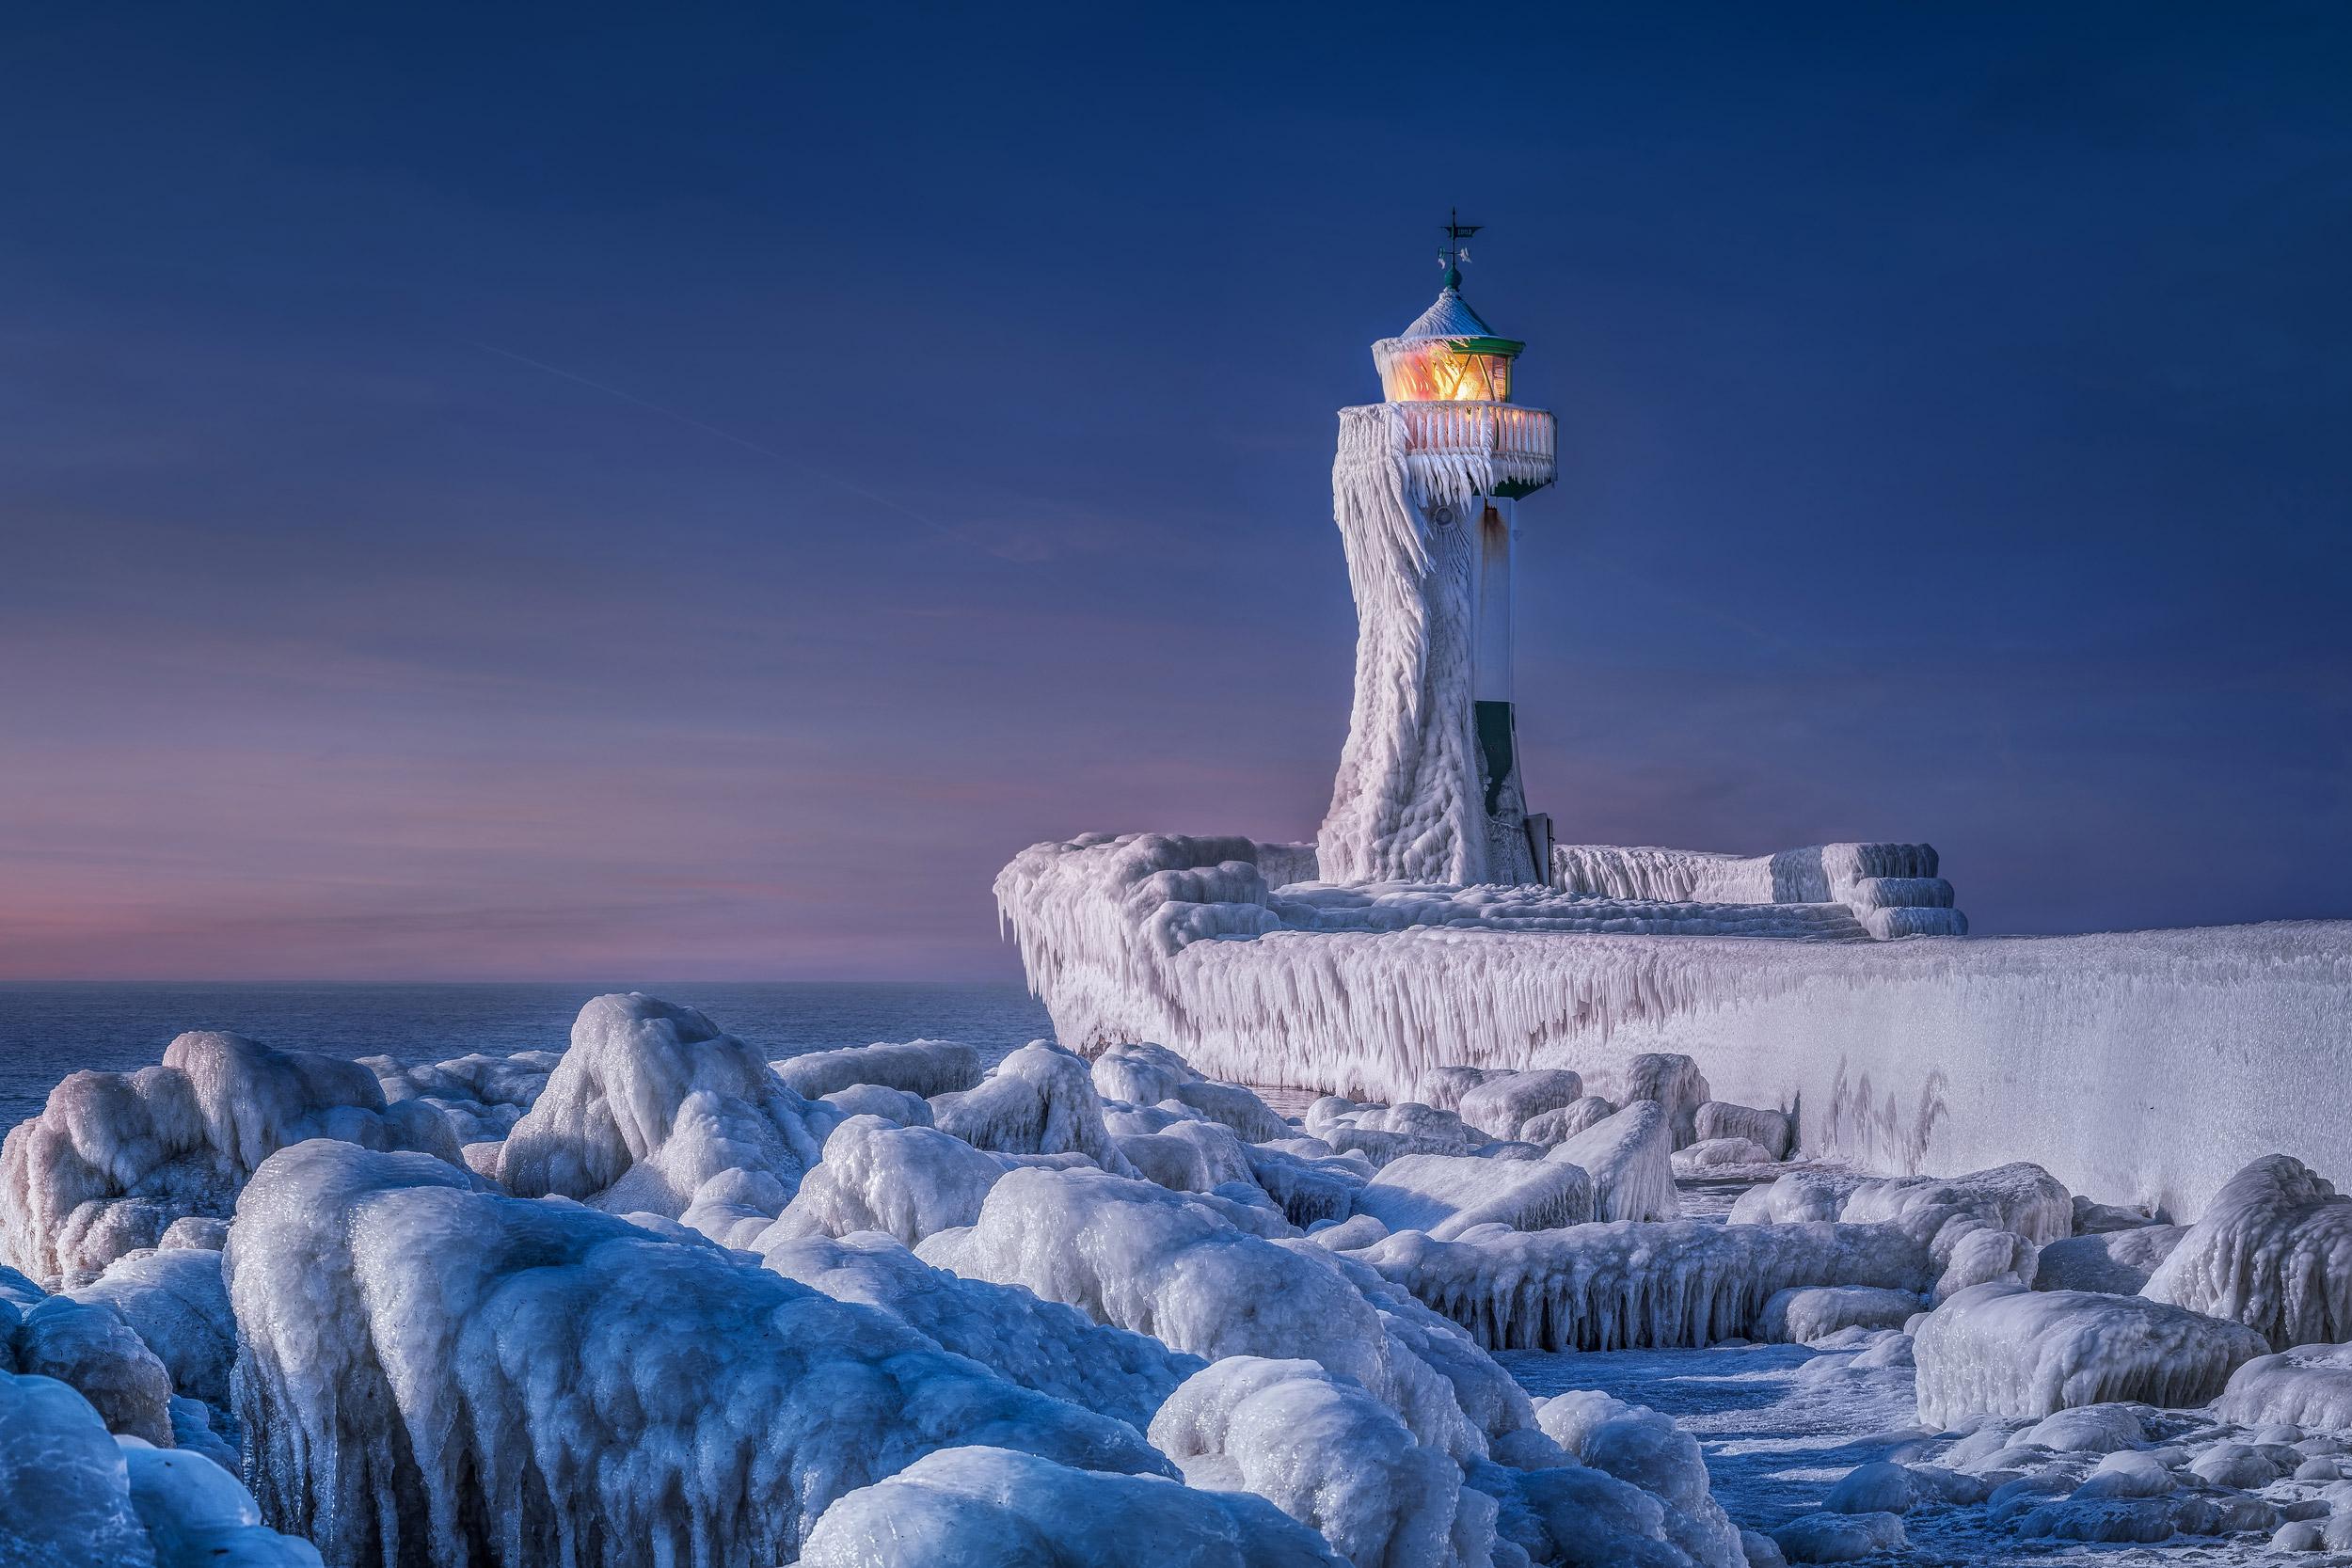 """Gesamtsieger beim CEWE Photo Award 2021: """"Eingefrorener Leuchtturm"""" von Manfred Voss"""